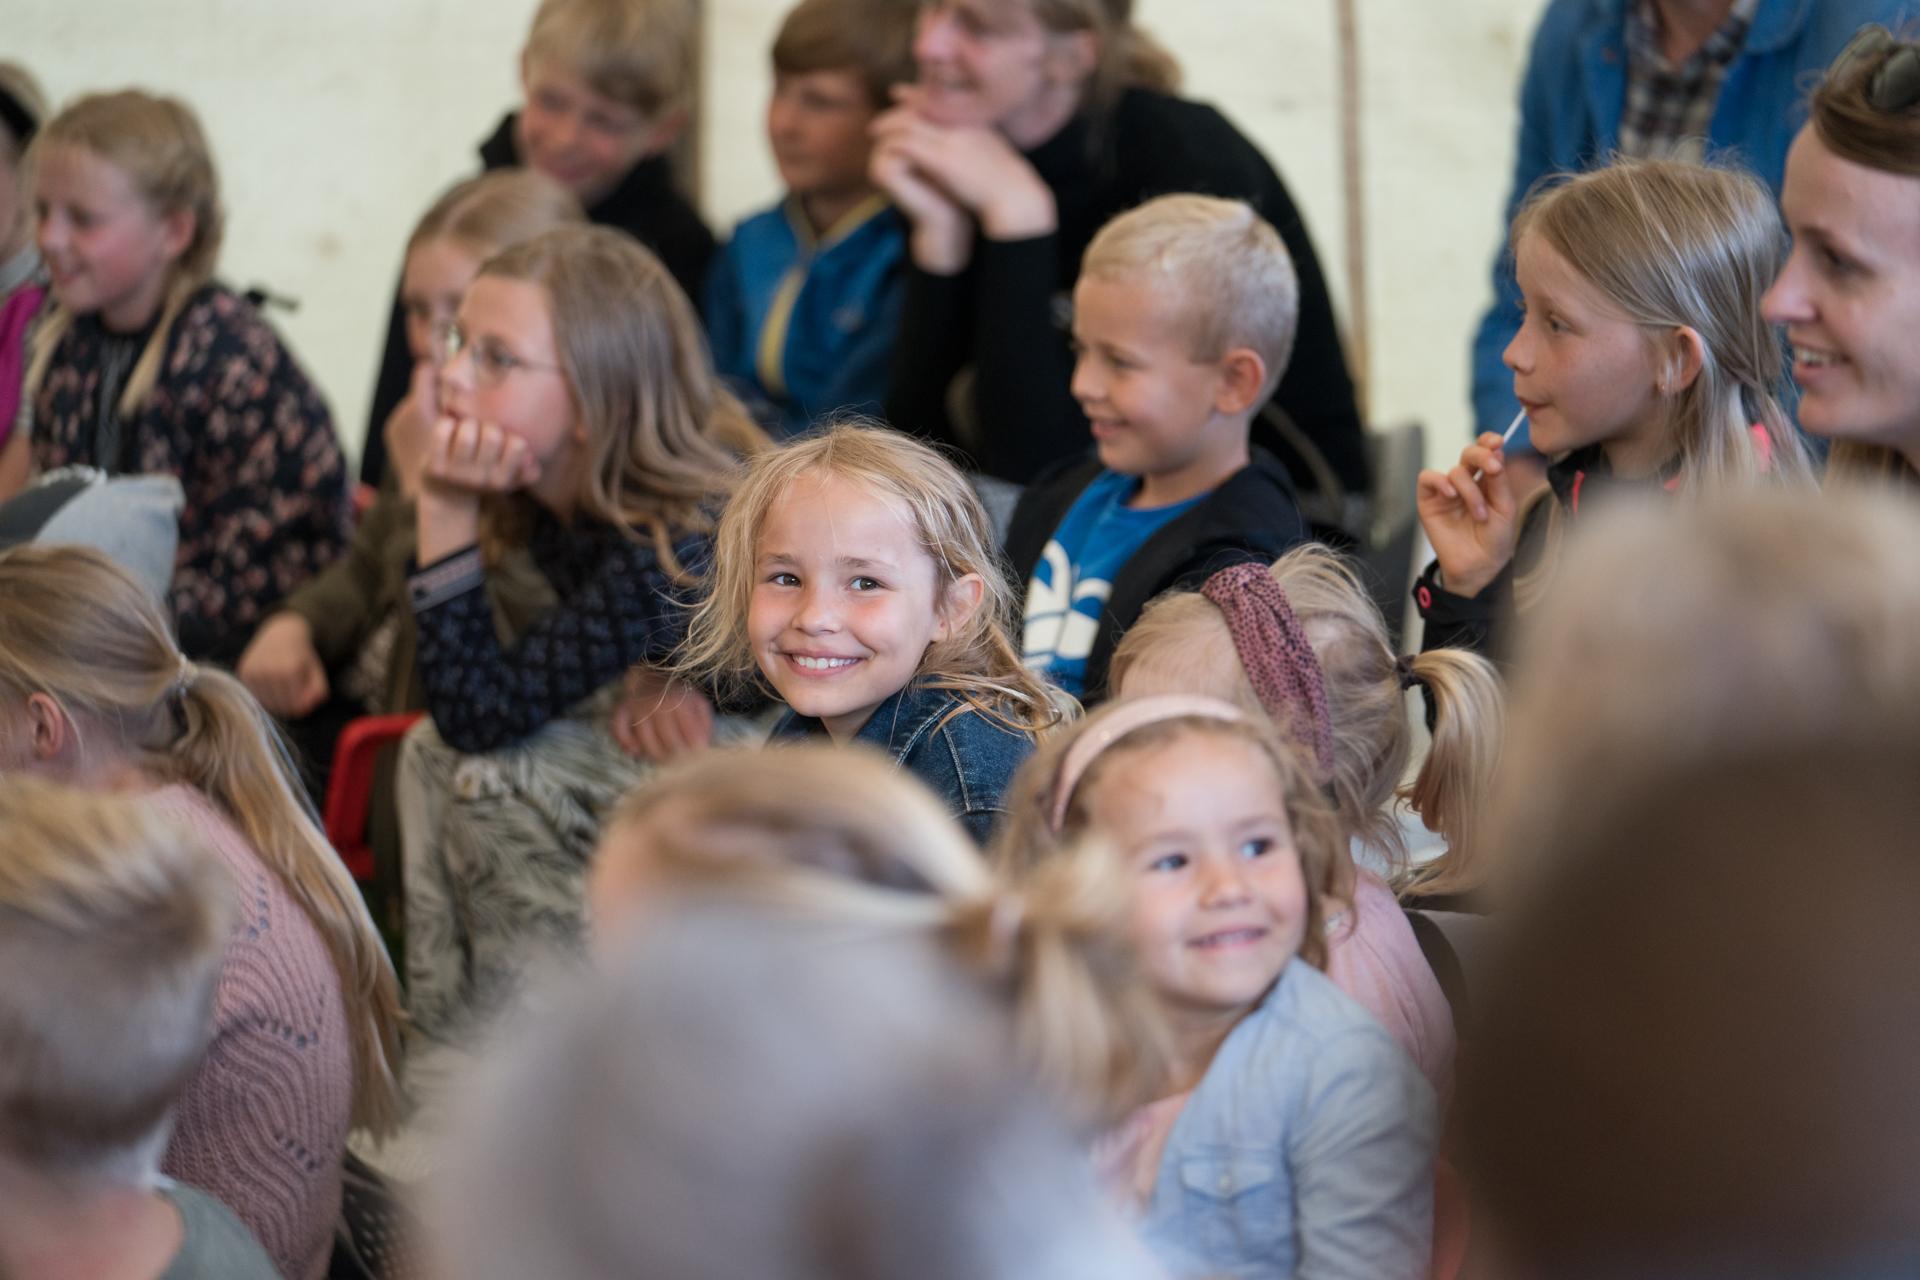 Sløngeldage lørdag - web - Fotograf Per Bille-20190525-04706.jpg